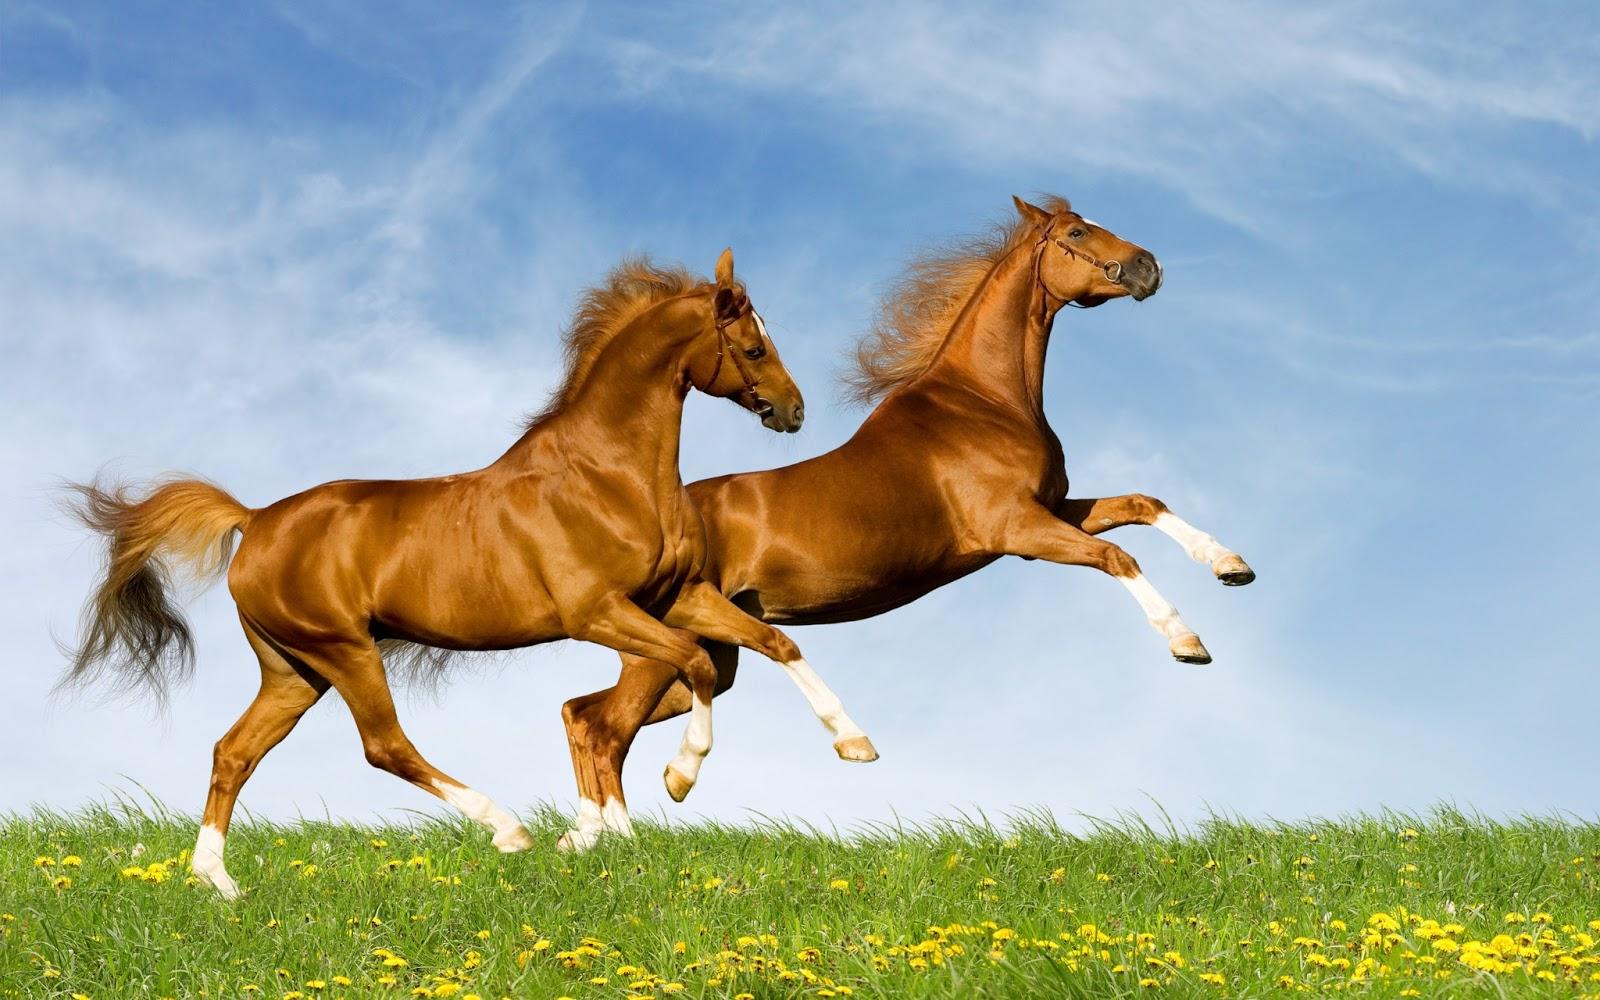 Nota: Click aquí para ver más imágenes de caballos